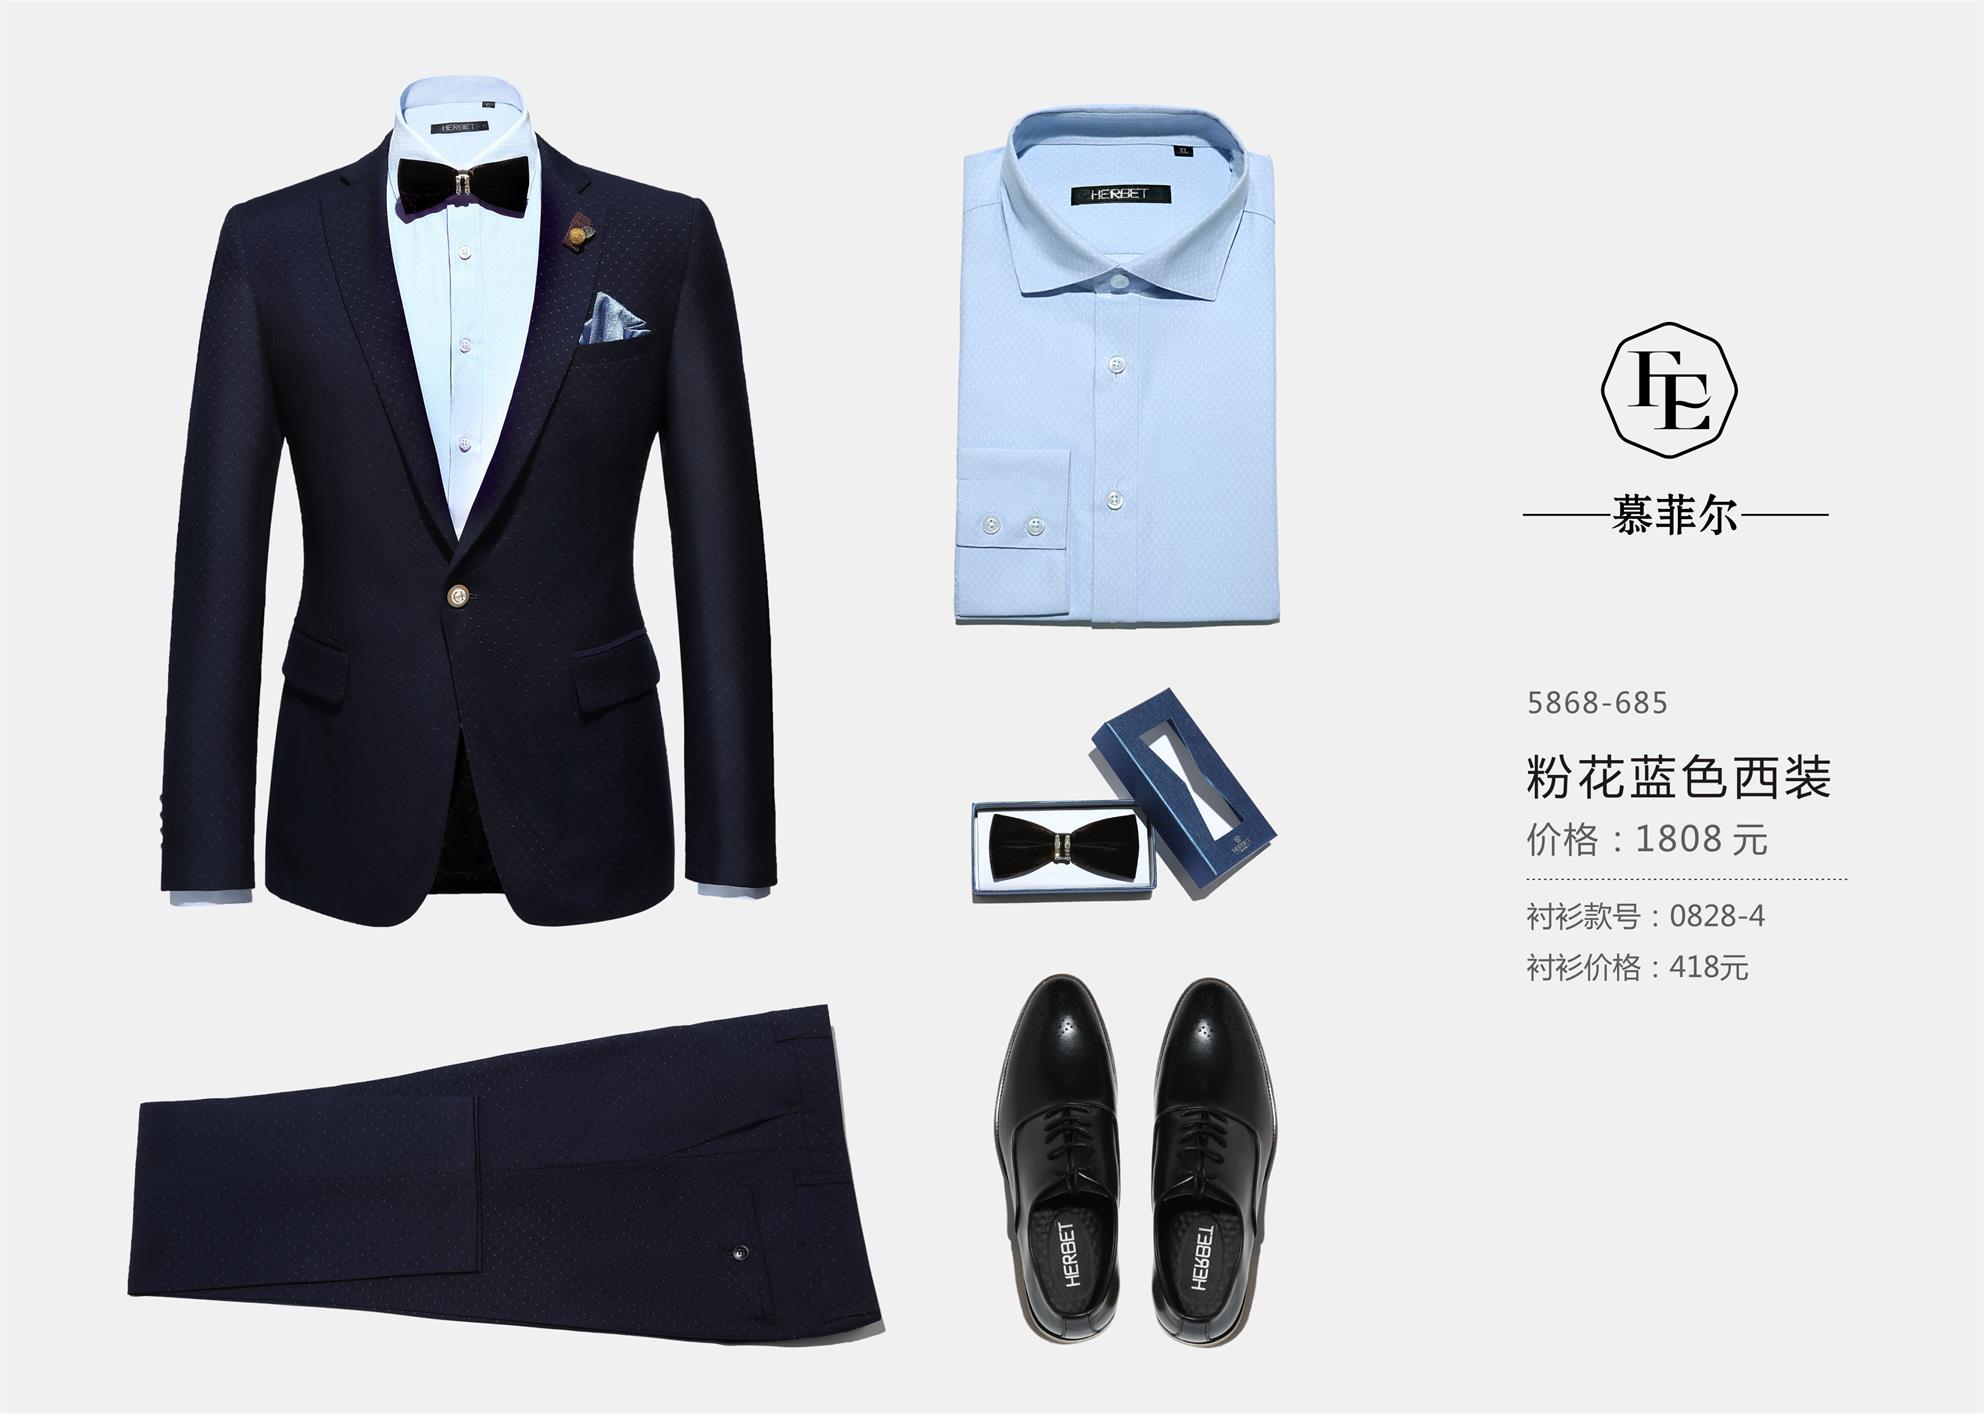 男士礼服定制-男士礼服定制提供商哪家好